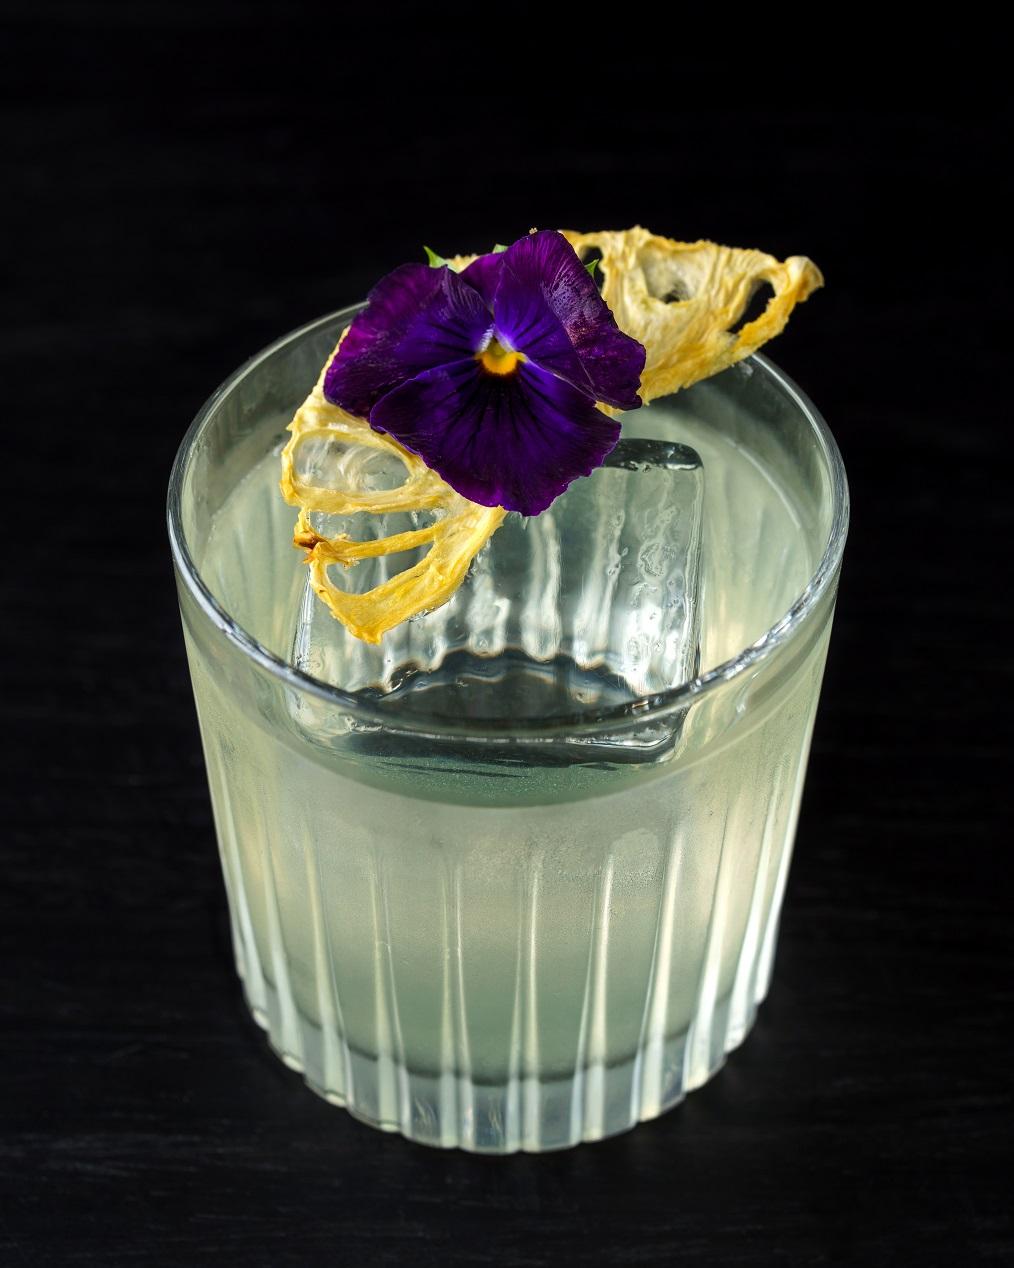 O drink Tokyo Milk Punch leva sake, vodka, abacaxi e uva e é clarificado com leite integral.